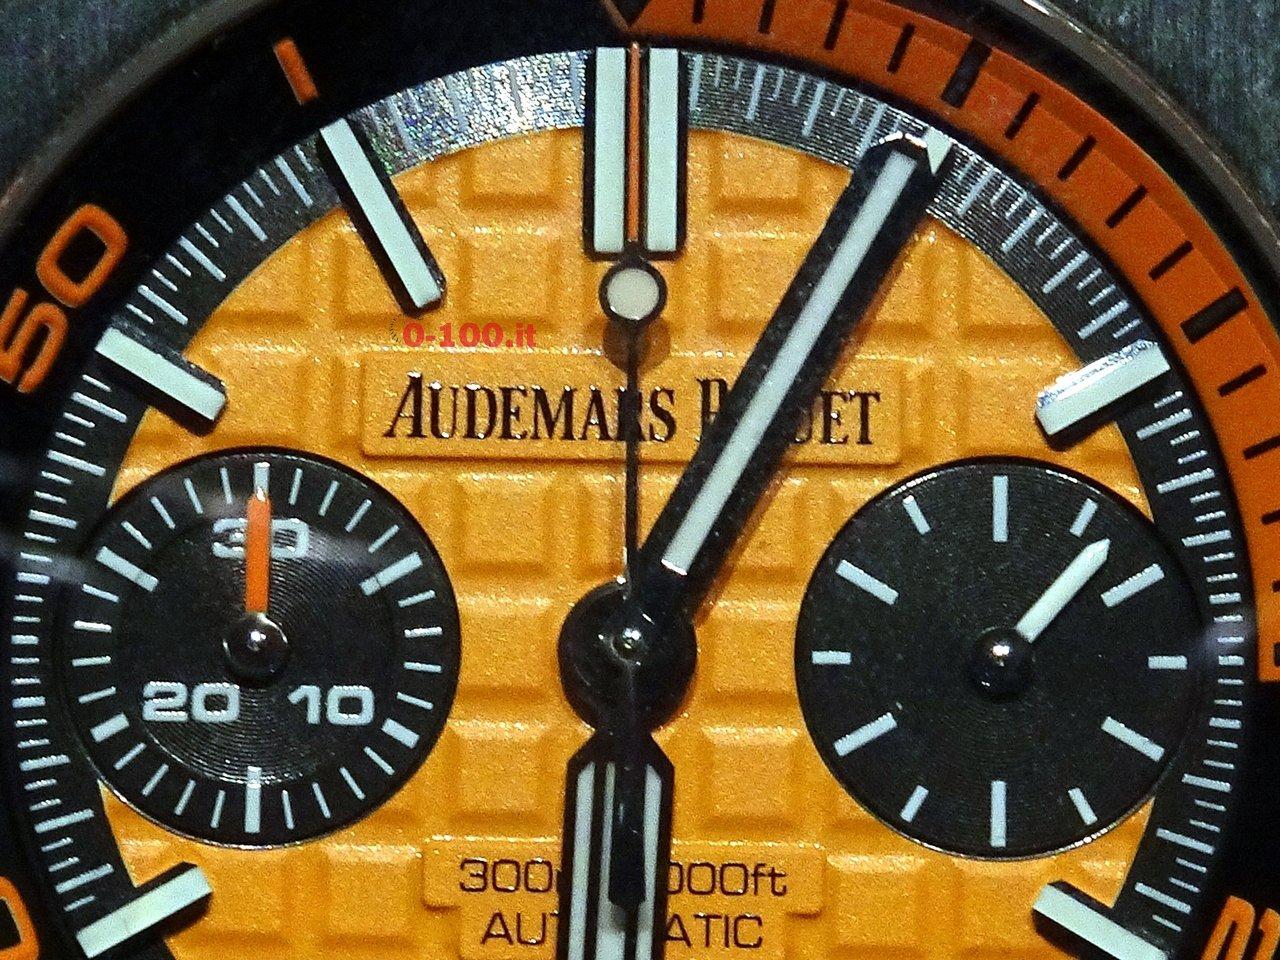 audemars-piguet-royal-oak-SIHH-2016-0-100_31